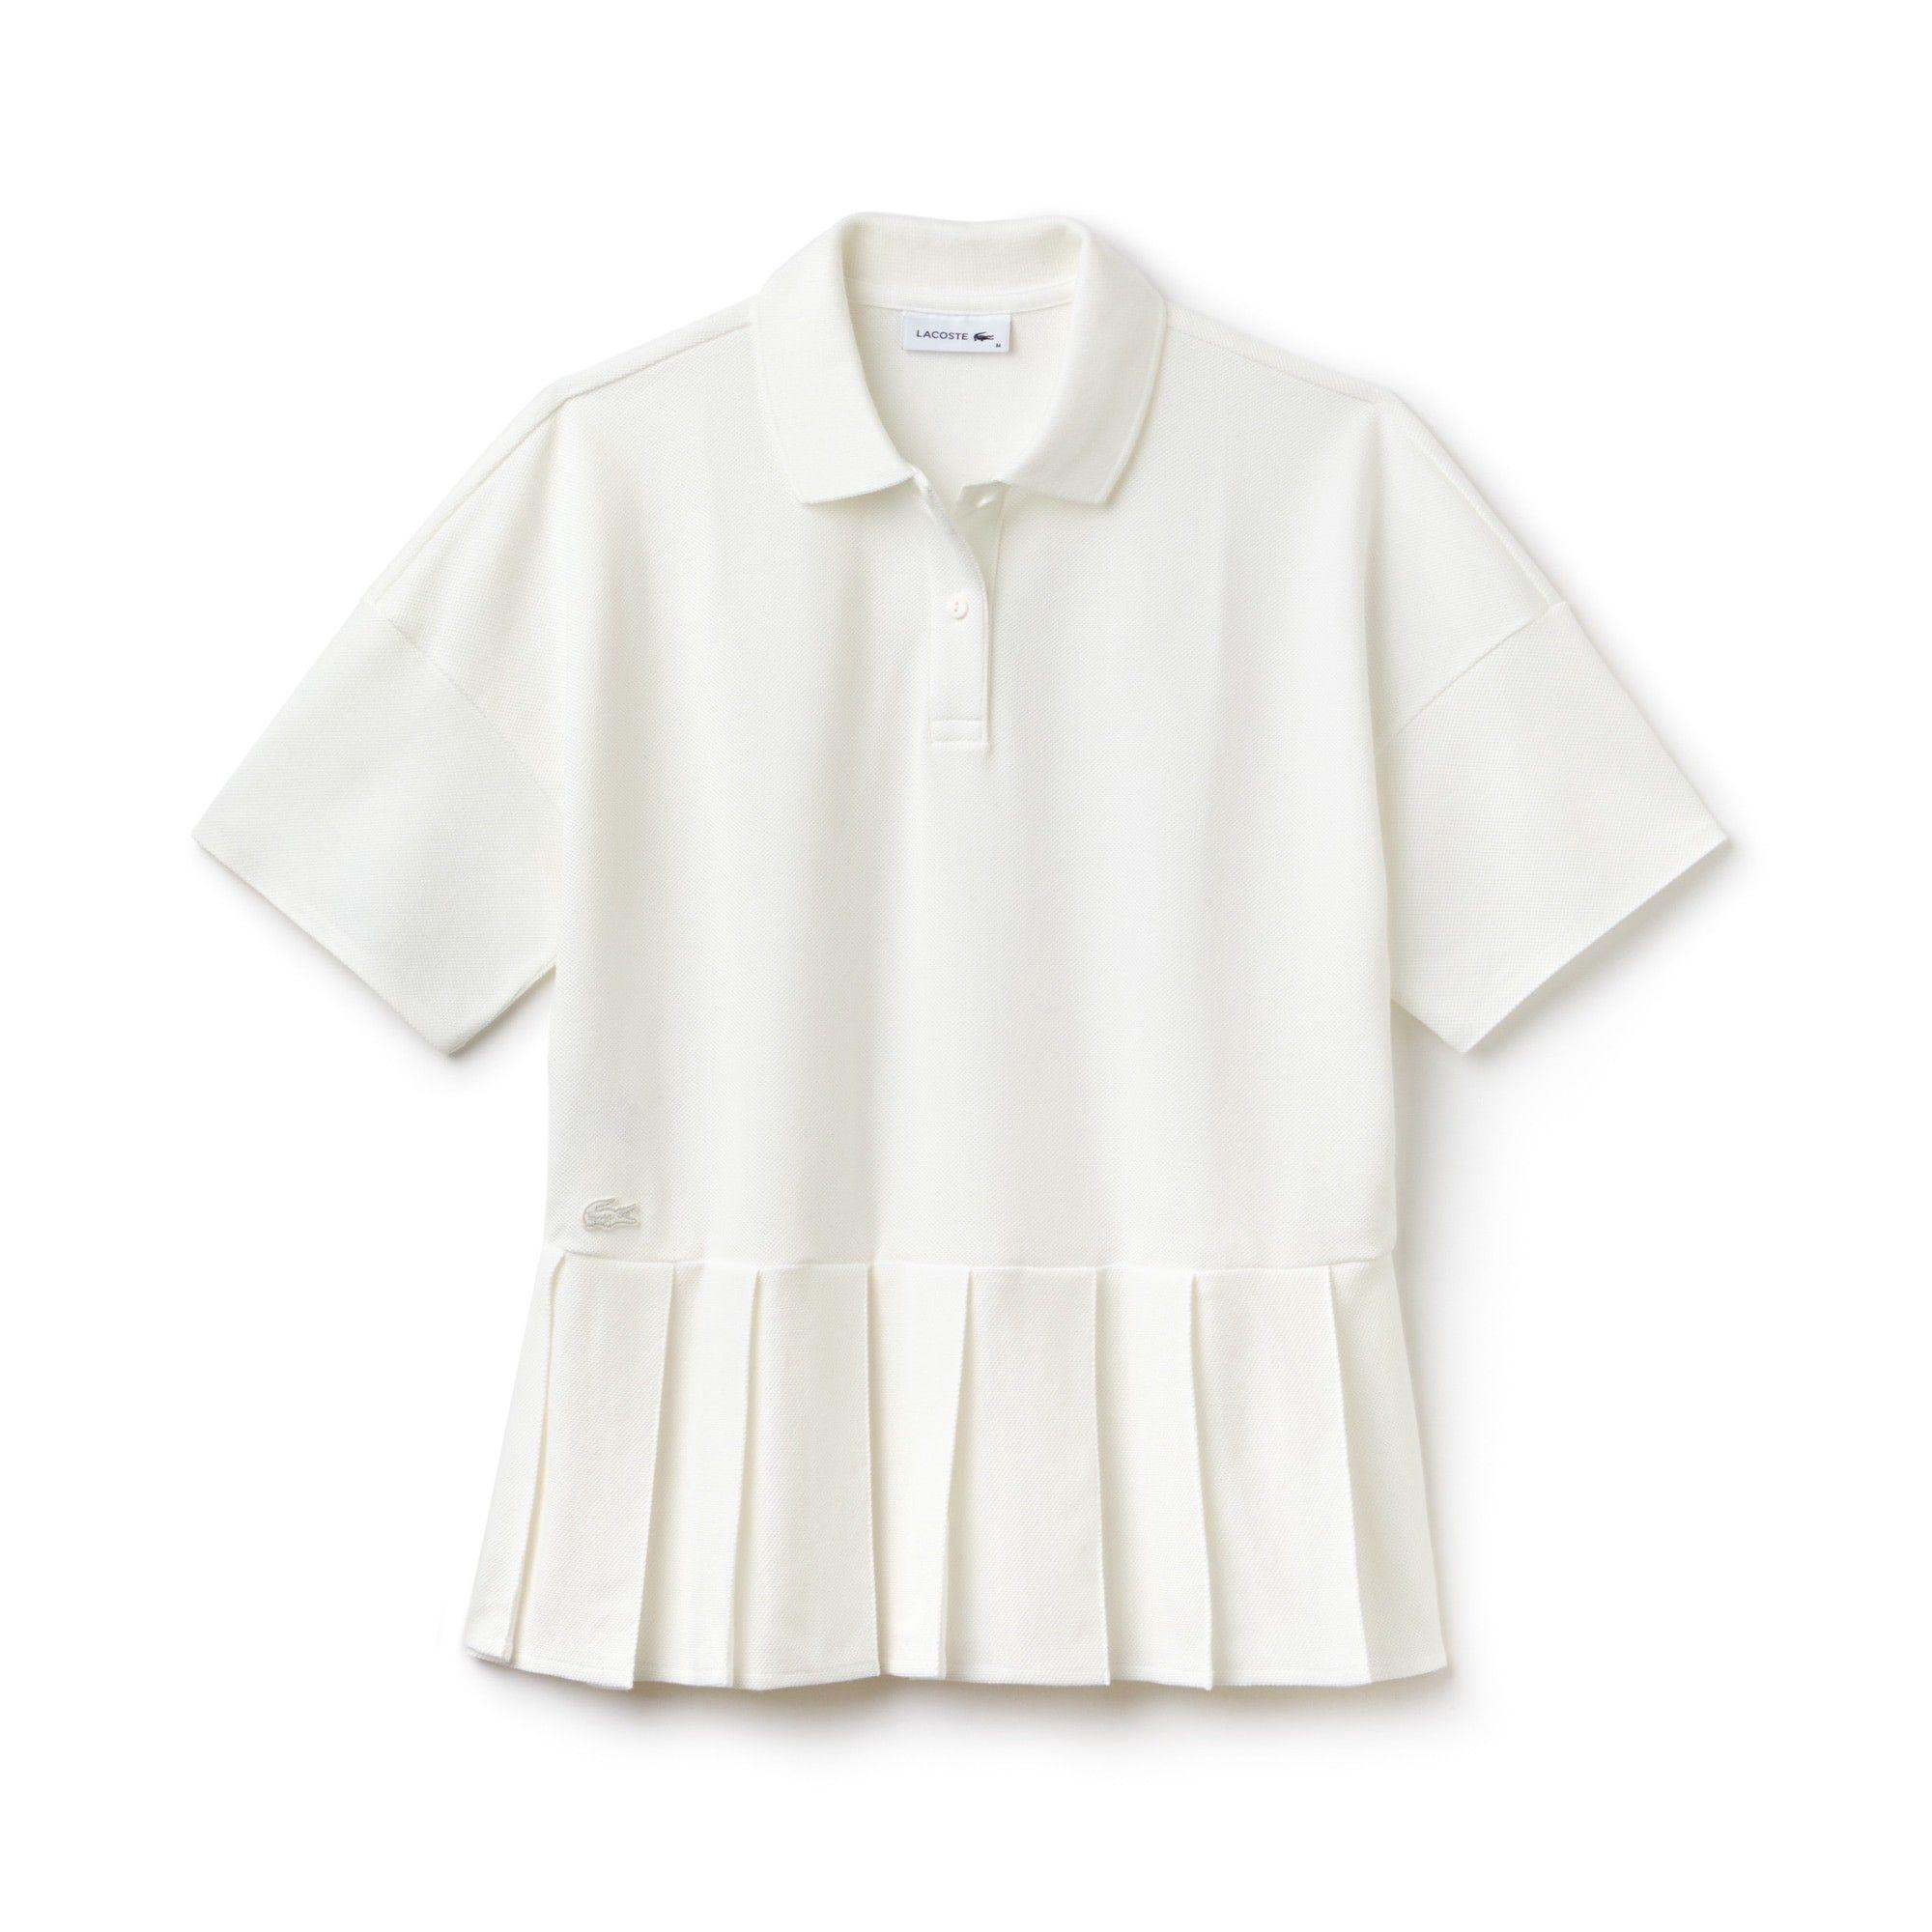 c8f7ef6e LACOSTE Women's Lacoste Pleated Thick Cotton Piqué Polo - CAKE FLOUR ...